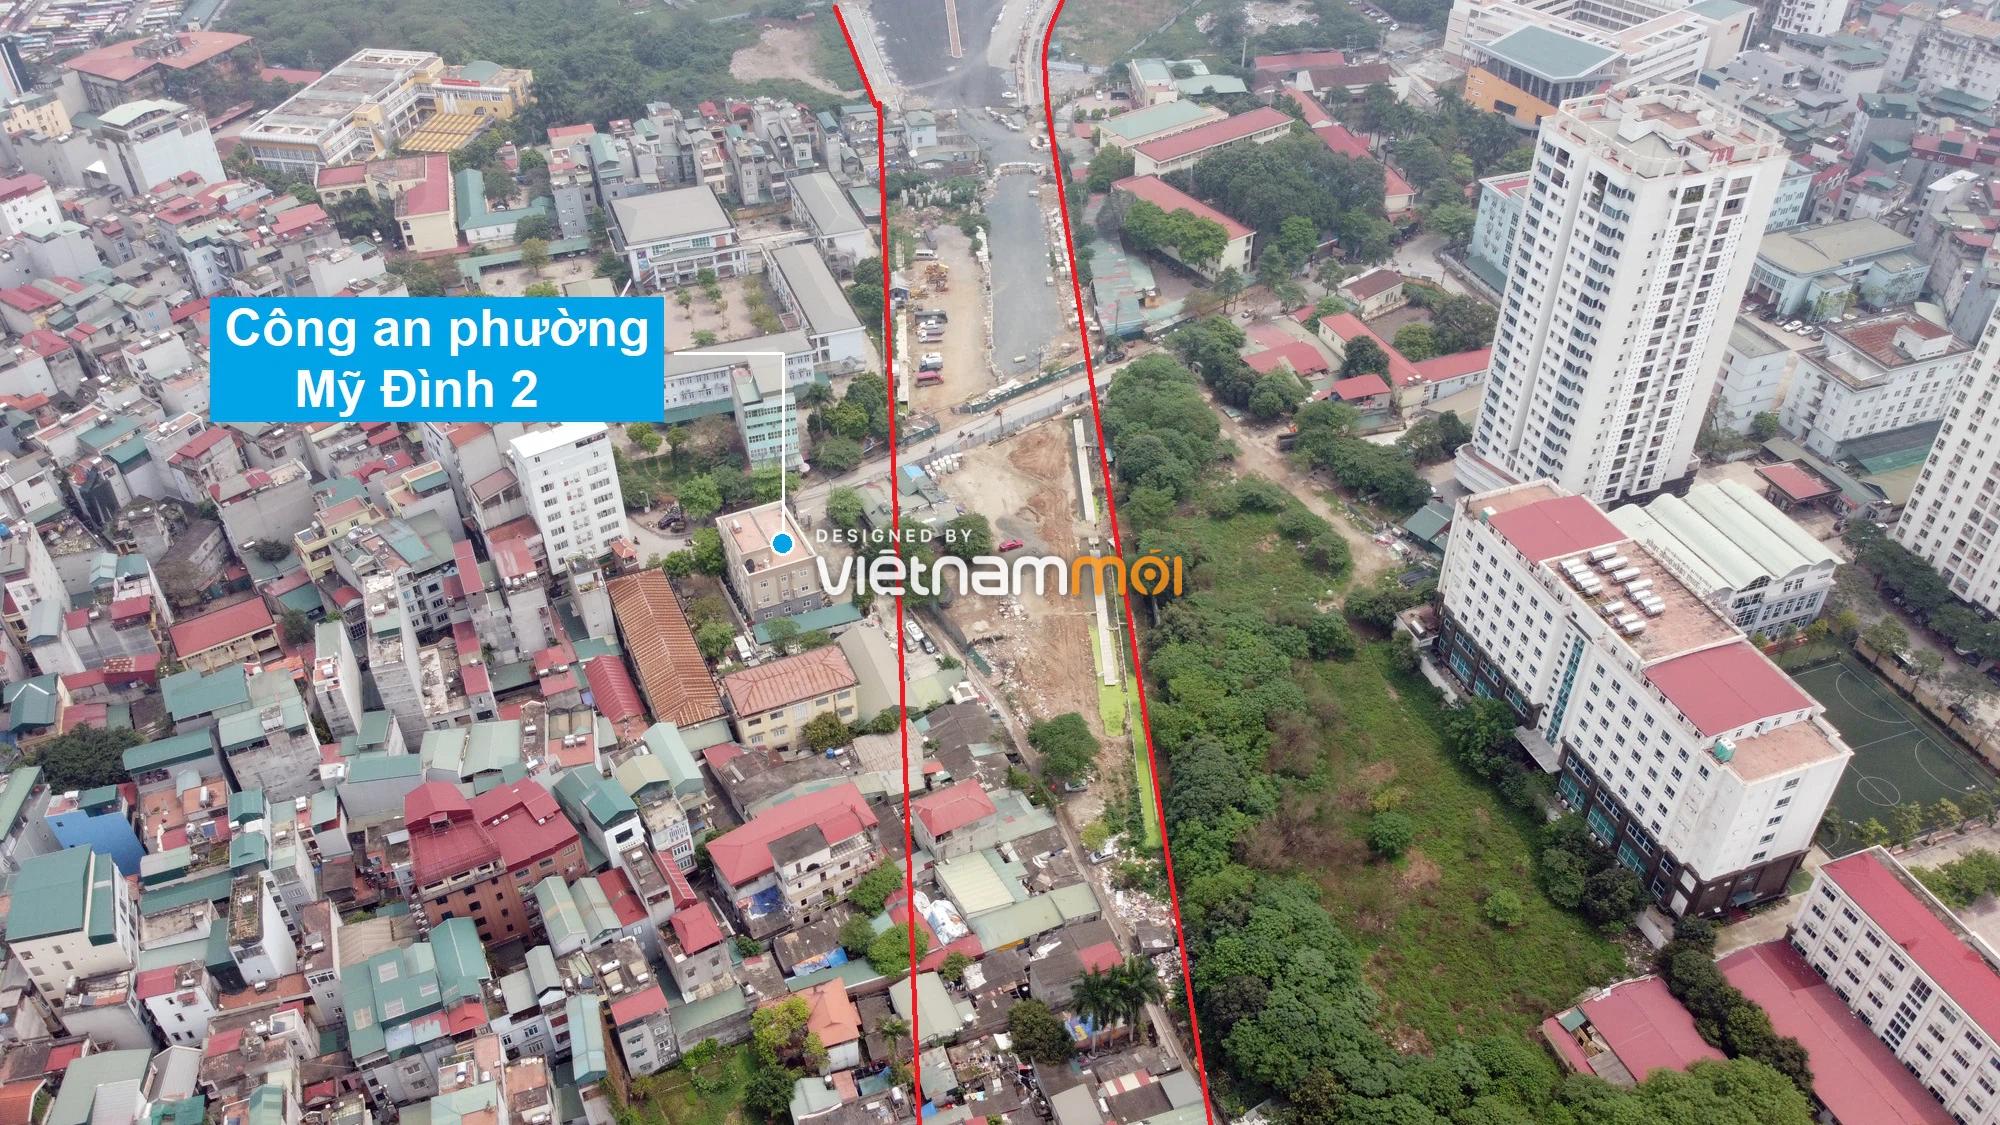 Những khu đất sắp thu hồi để mở đường ở phường Mỹ Đình 2, Nam Từ Liêm, Hà Nội (phần 1) - Ảnh 5.